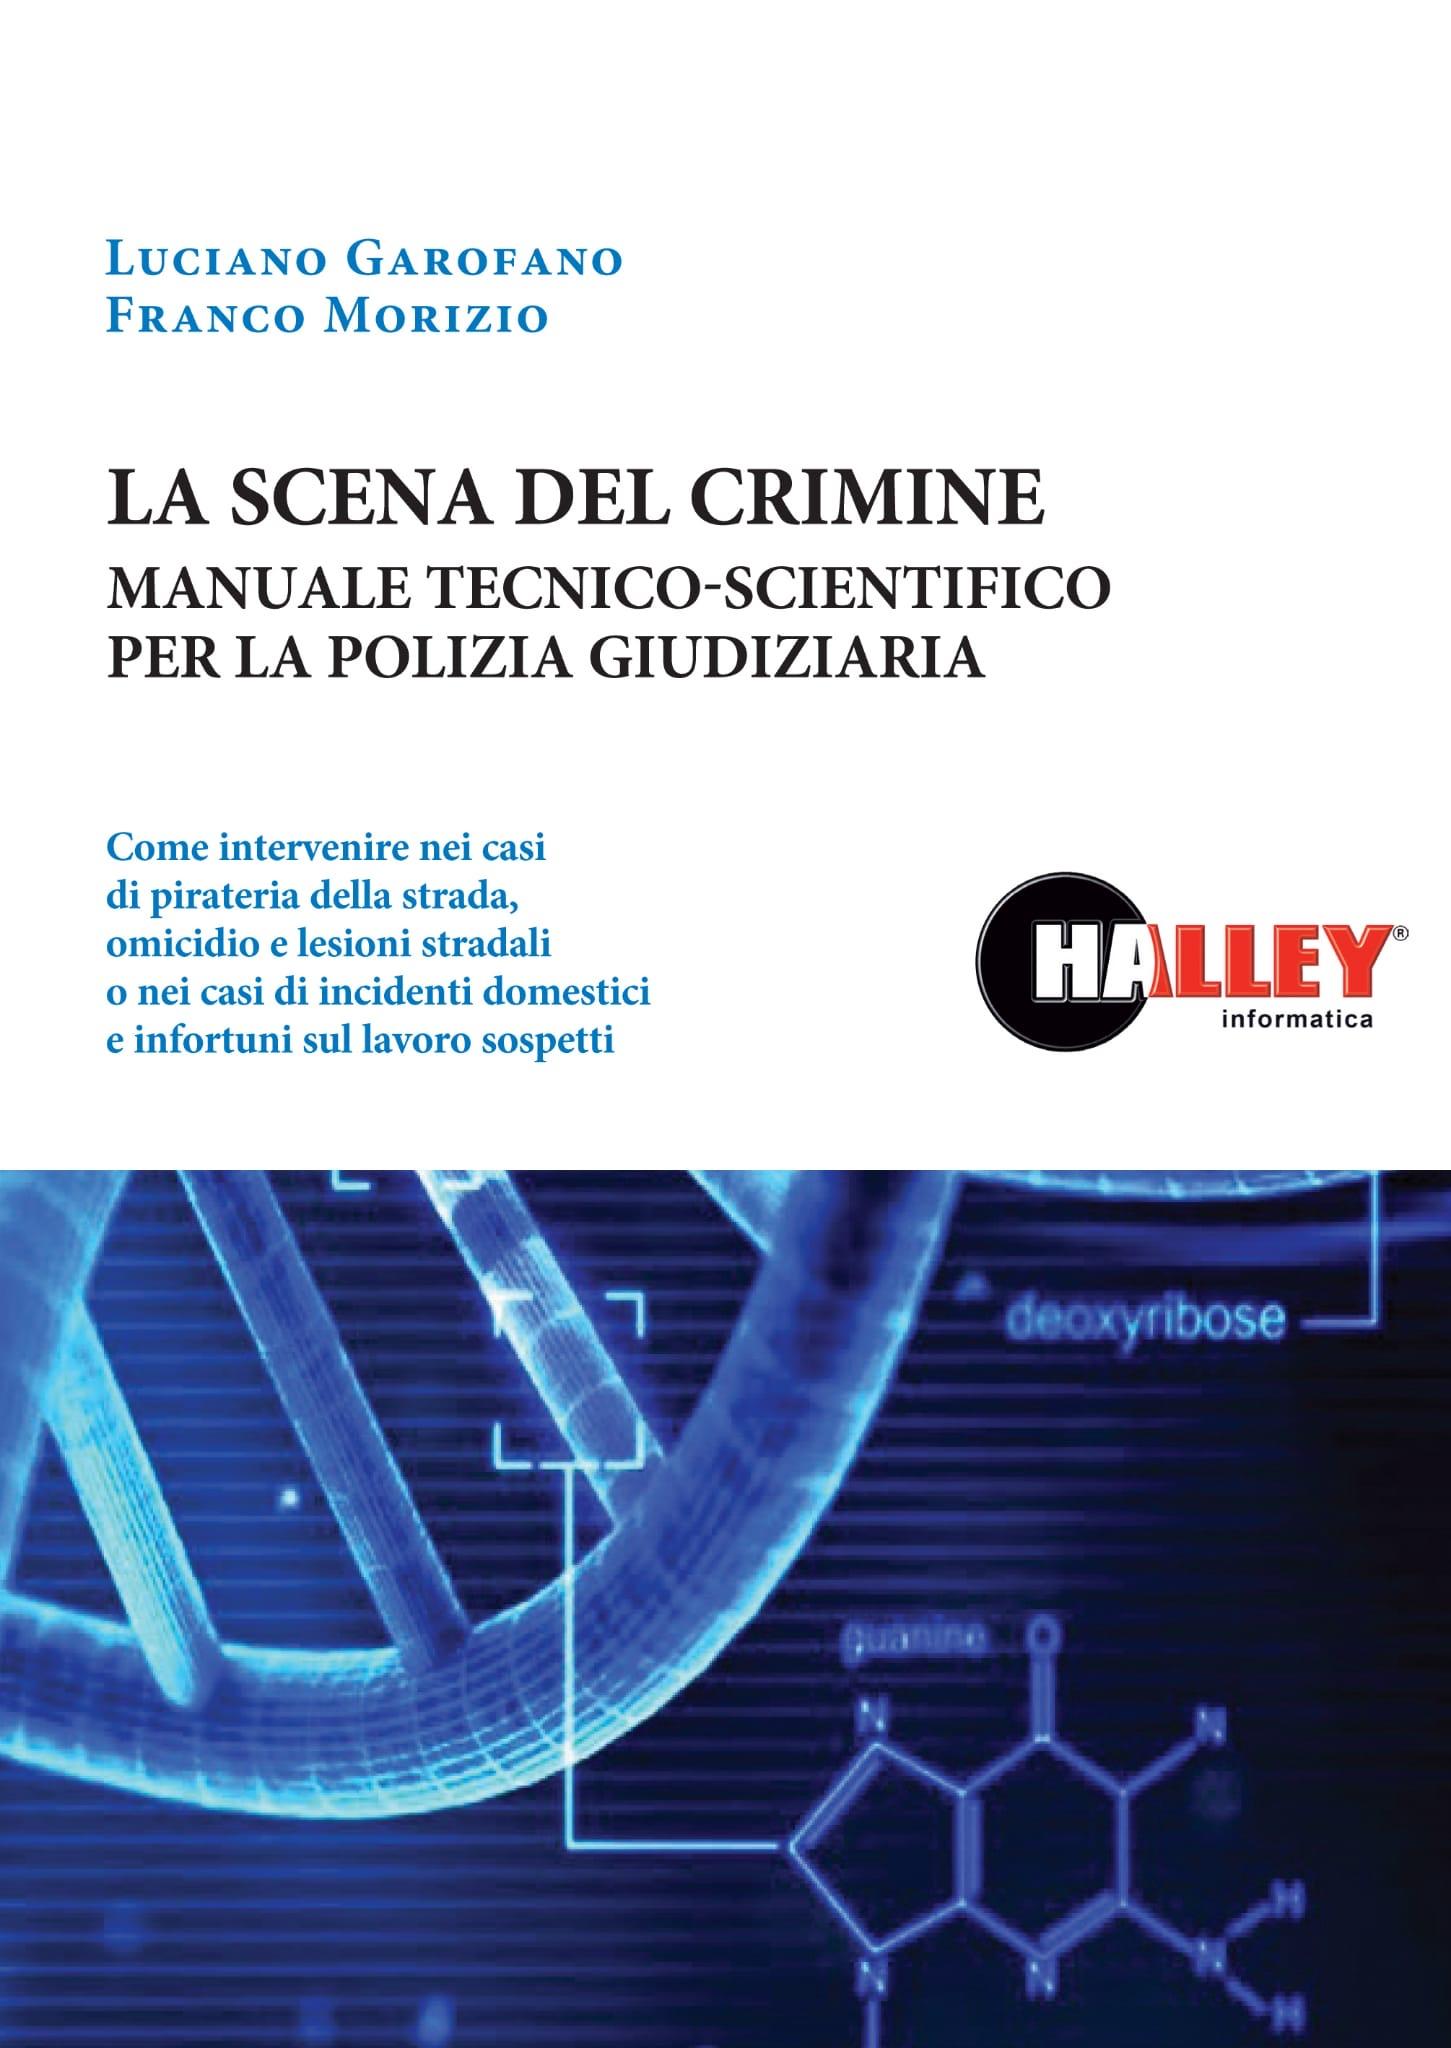 LaScenadelCrimine Garofalo-Morizio